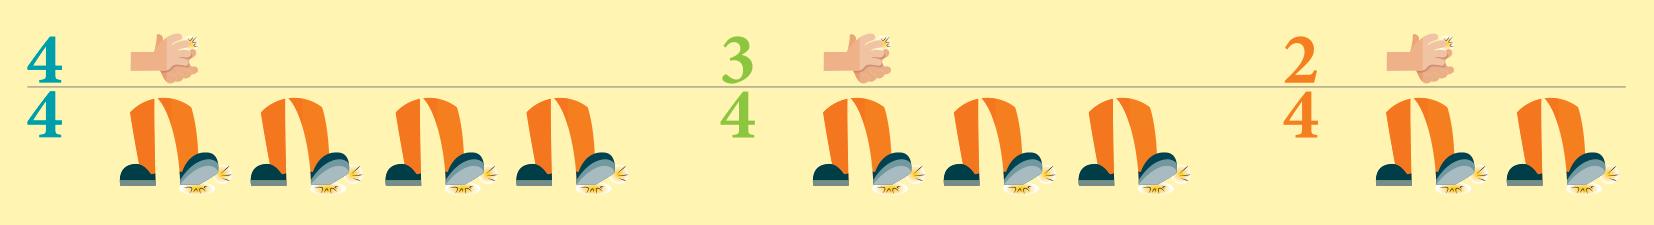 ilustração com indicação de número de palmas e bater dos pés. No primeiro quadro, há o número quatro e mãos batendo palmas acima da linha horizontal que divide o quadro ao meio e abaixo, o número quatro e a sequência de quatro pés batendo contra o chão. No quadro do meio, há o número três e mãos batendo palmas acima da linha, e o número quatro e sequência de três pés batendo contra o chão. No último quadro, há o número dois e mãos batendo palmas acima da linha, e abaixo o número quatro com a sequência de dois pés batendo contra o chão.